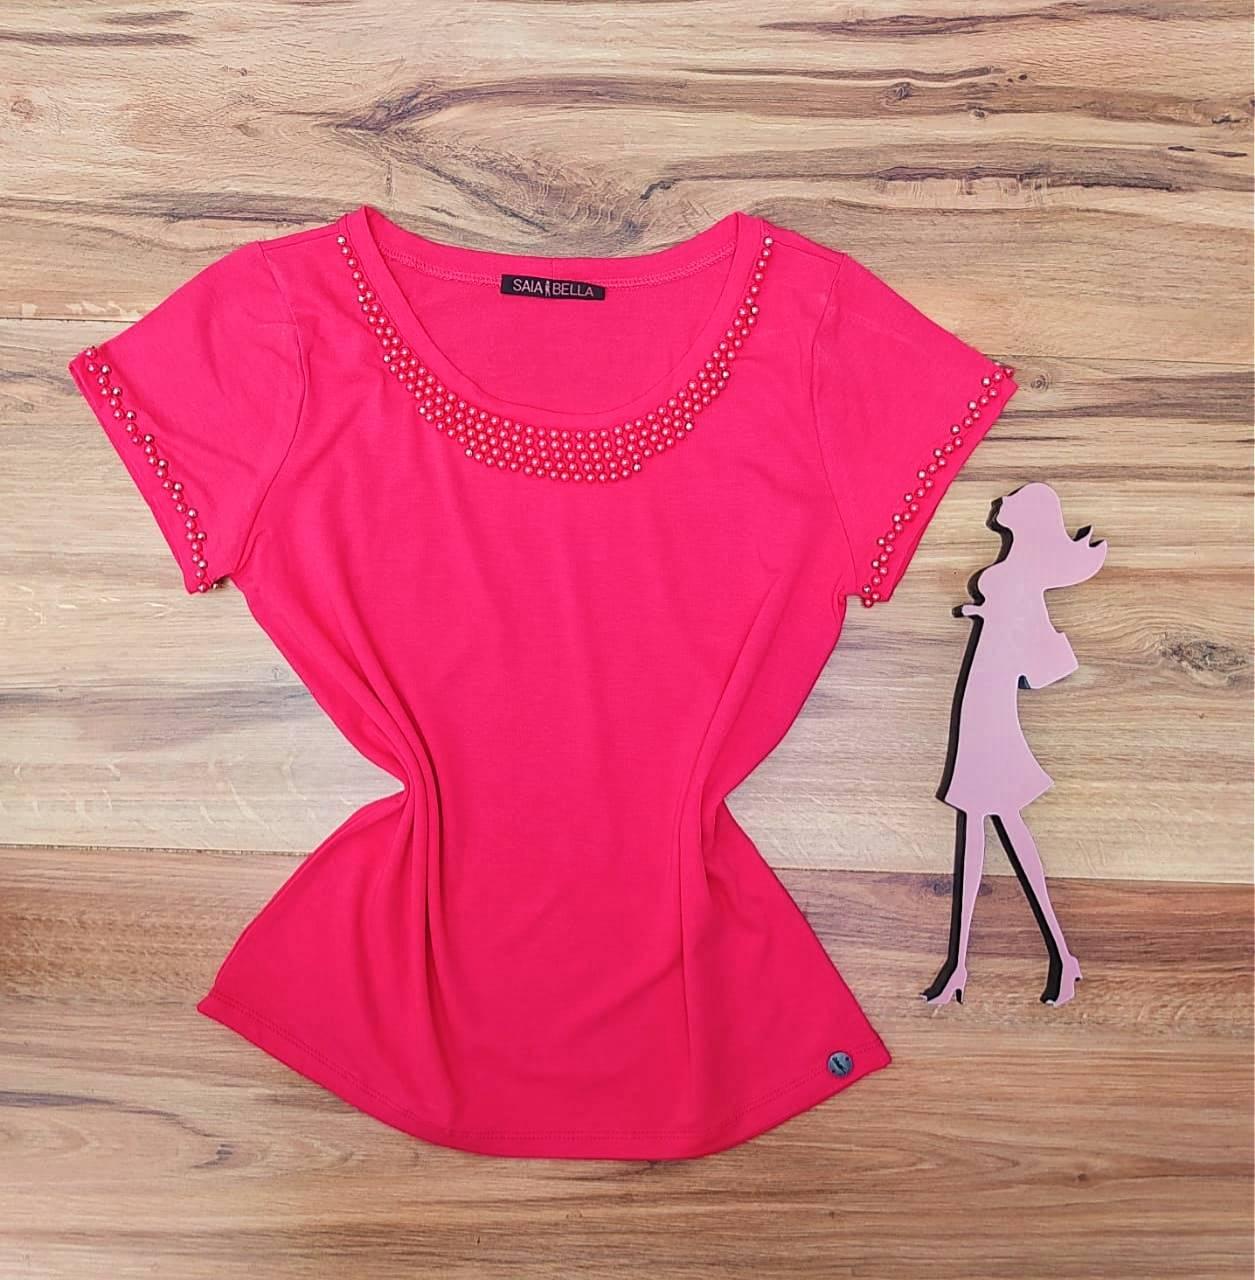 Blusa Analice  Saia Bella - SB4125655 Pink